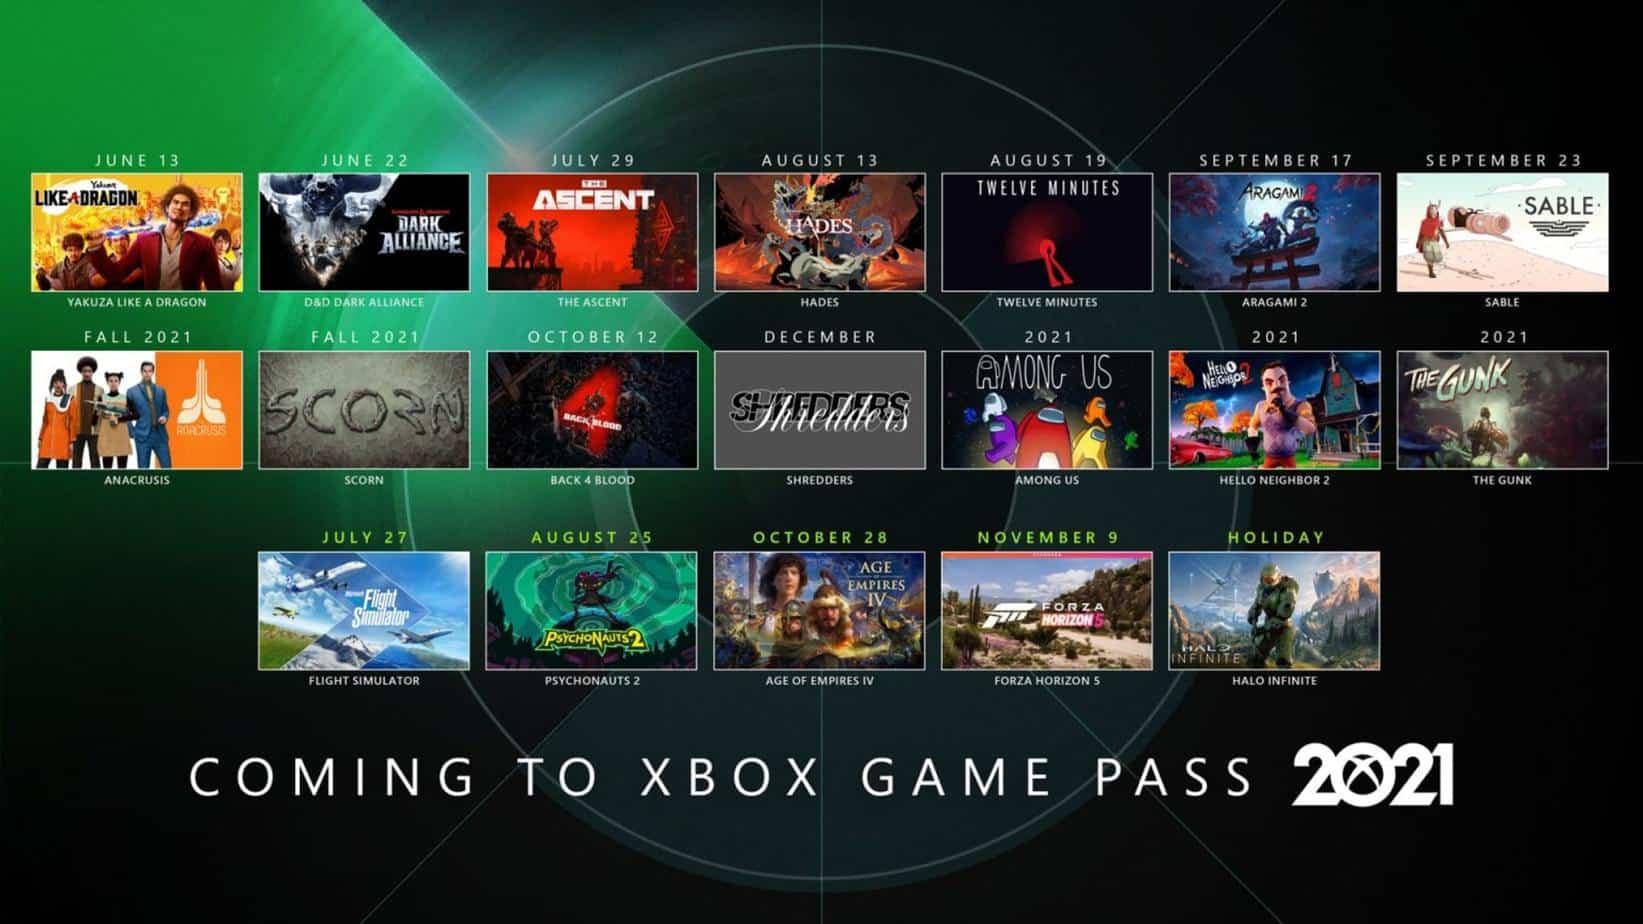 Lors de l'E3 2021, Microsoft a dévoilé une impressionnante liste de jeux Xbox Game Pass